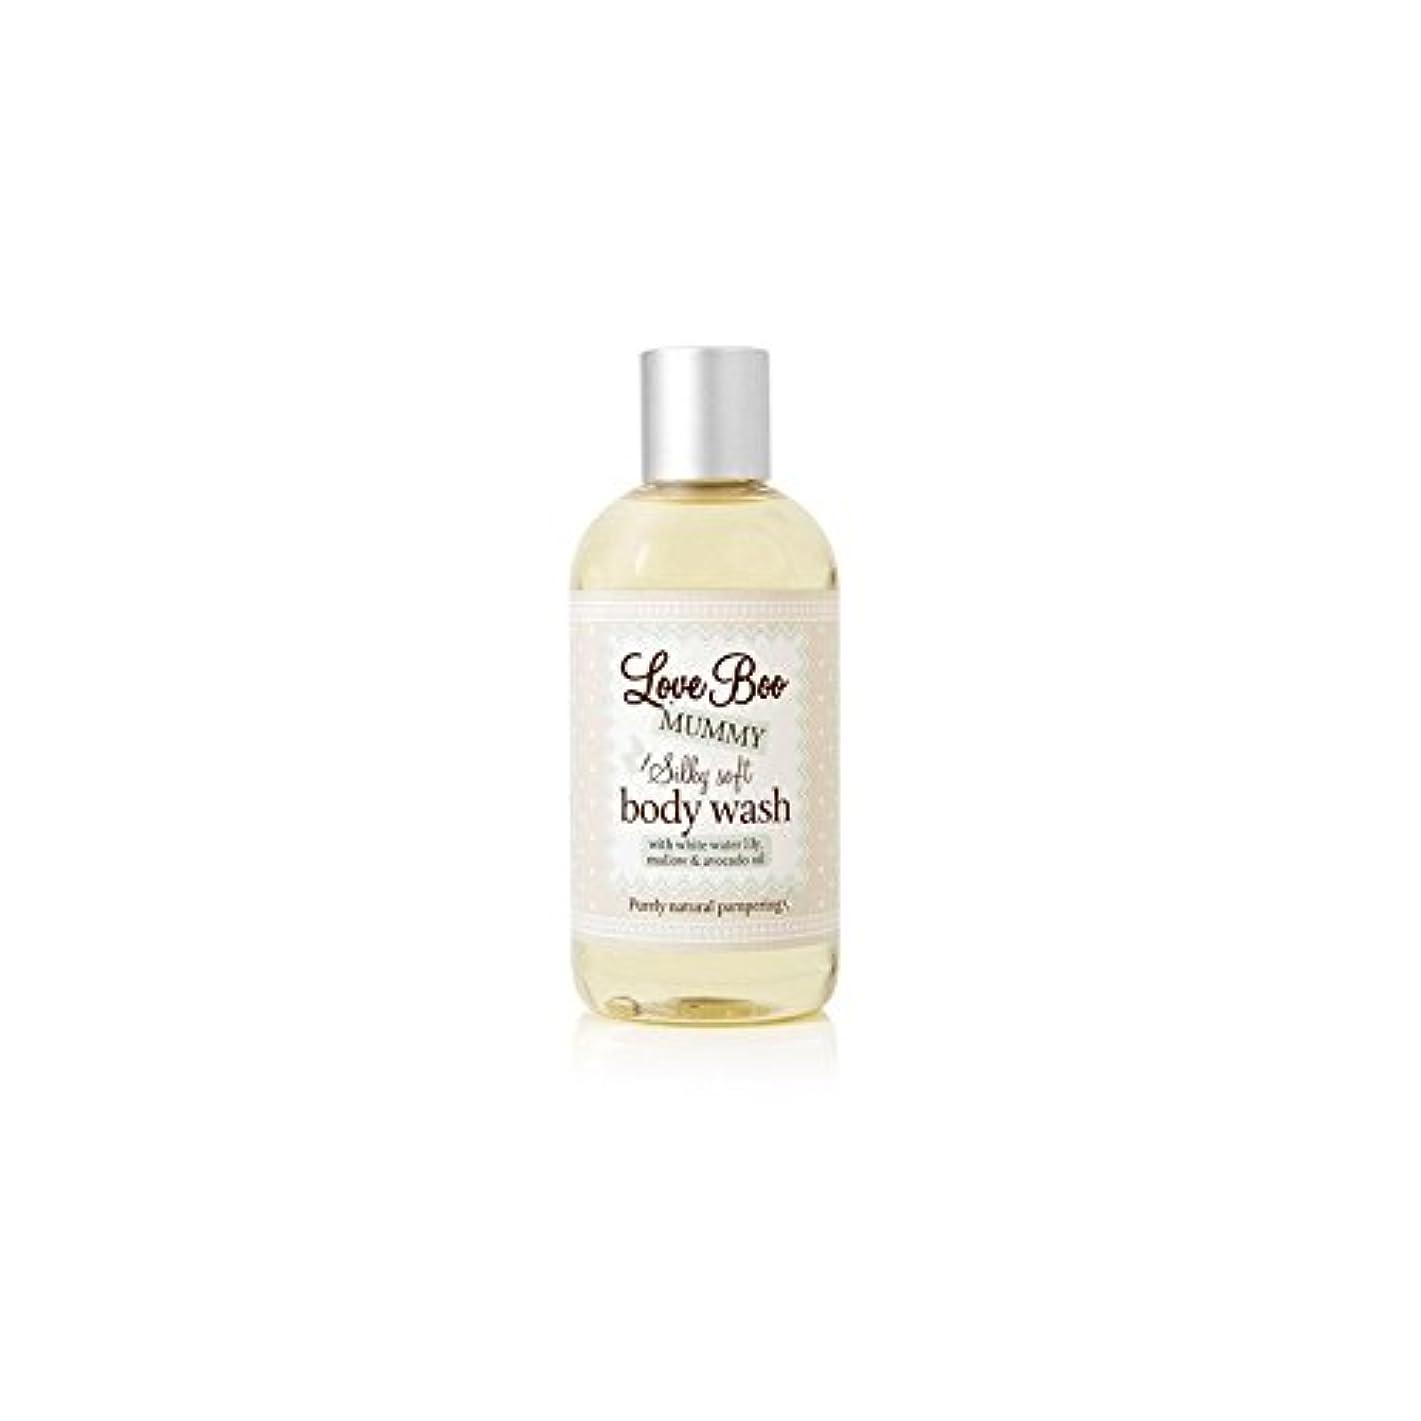 過ちリーガン公Love Boo Silky Soft Body Wash (250ml) - 絹のようなソフトボディウォッシュ(250ミリリットル)愛 [並行輸入品]